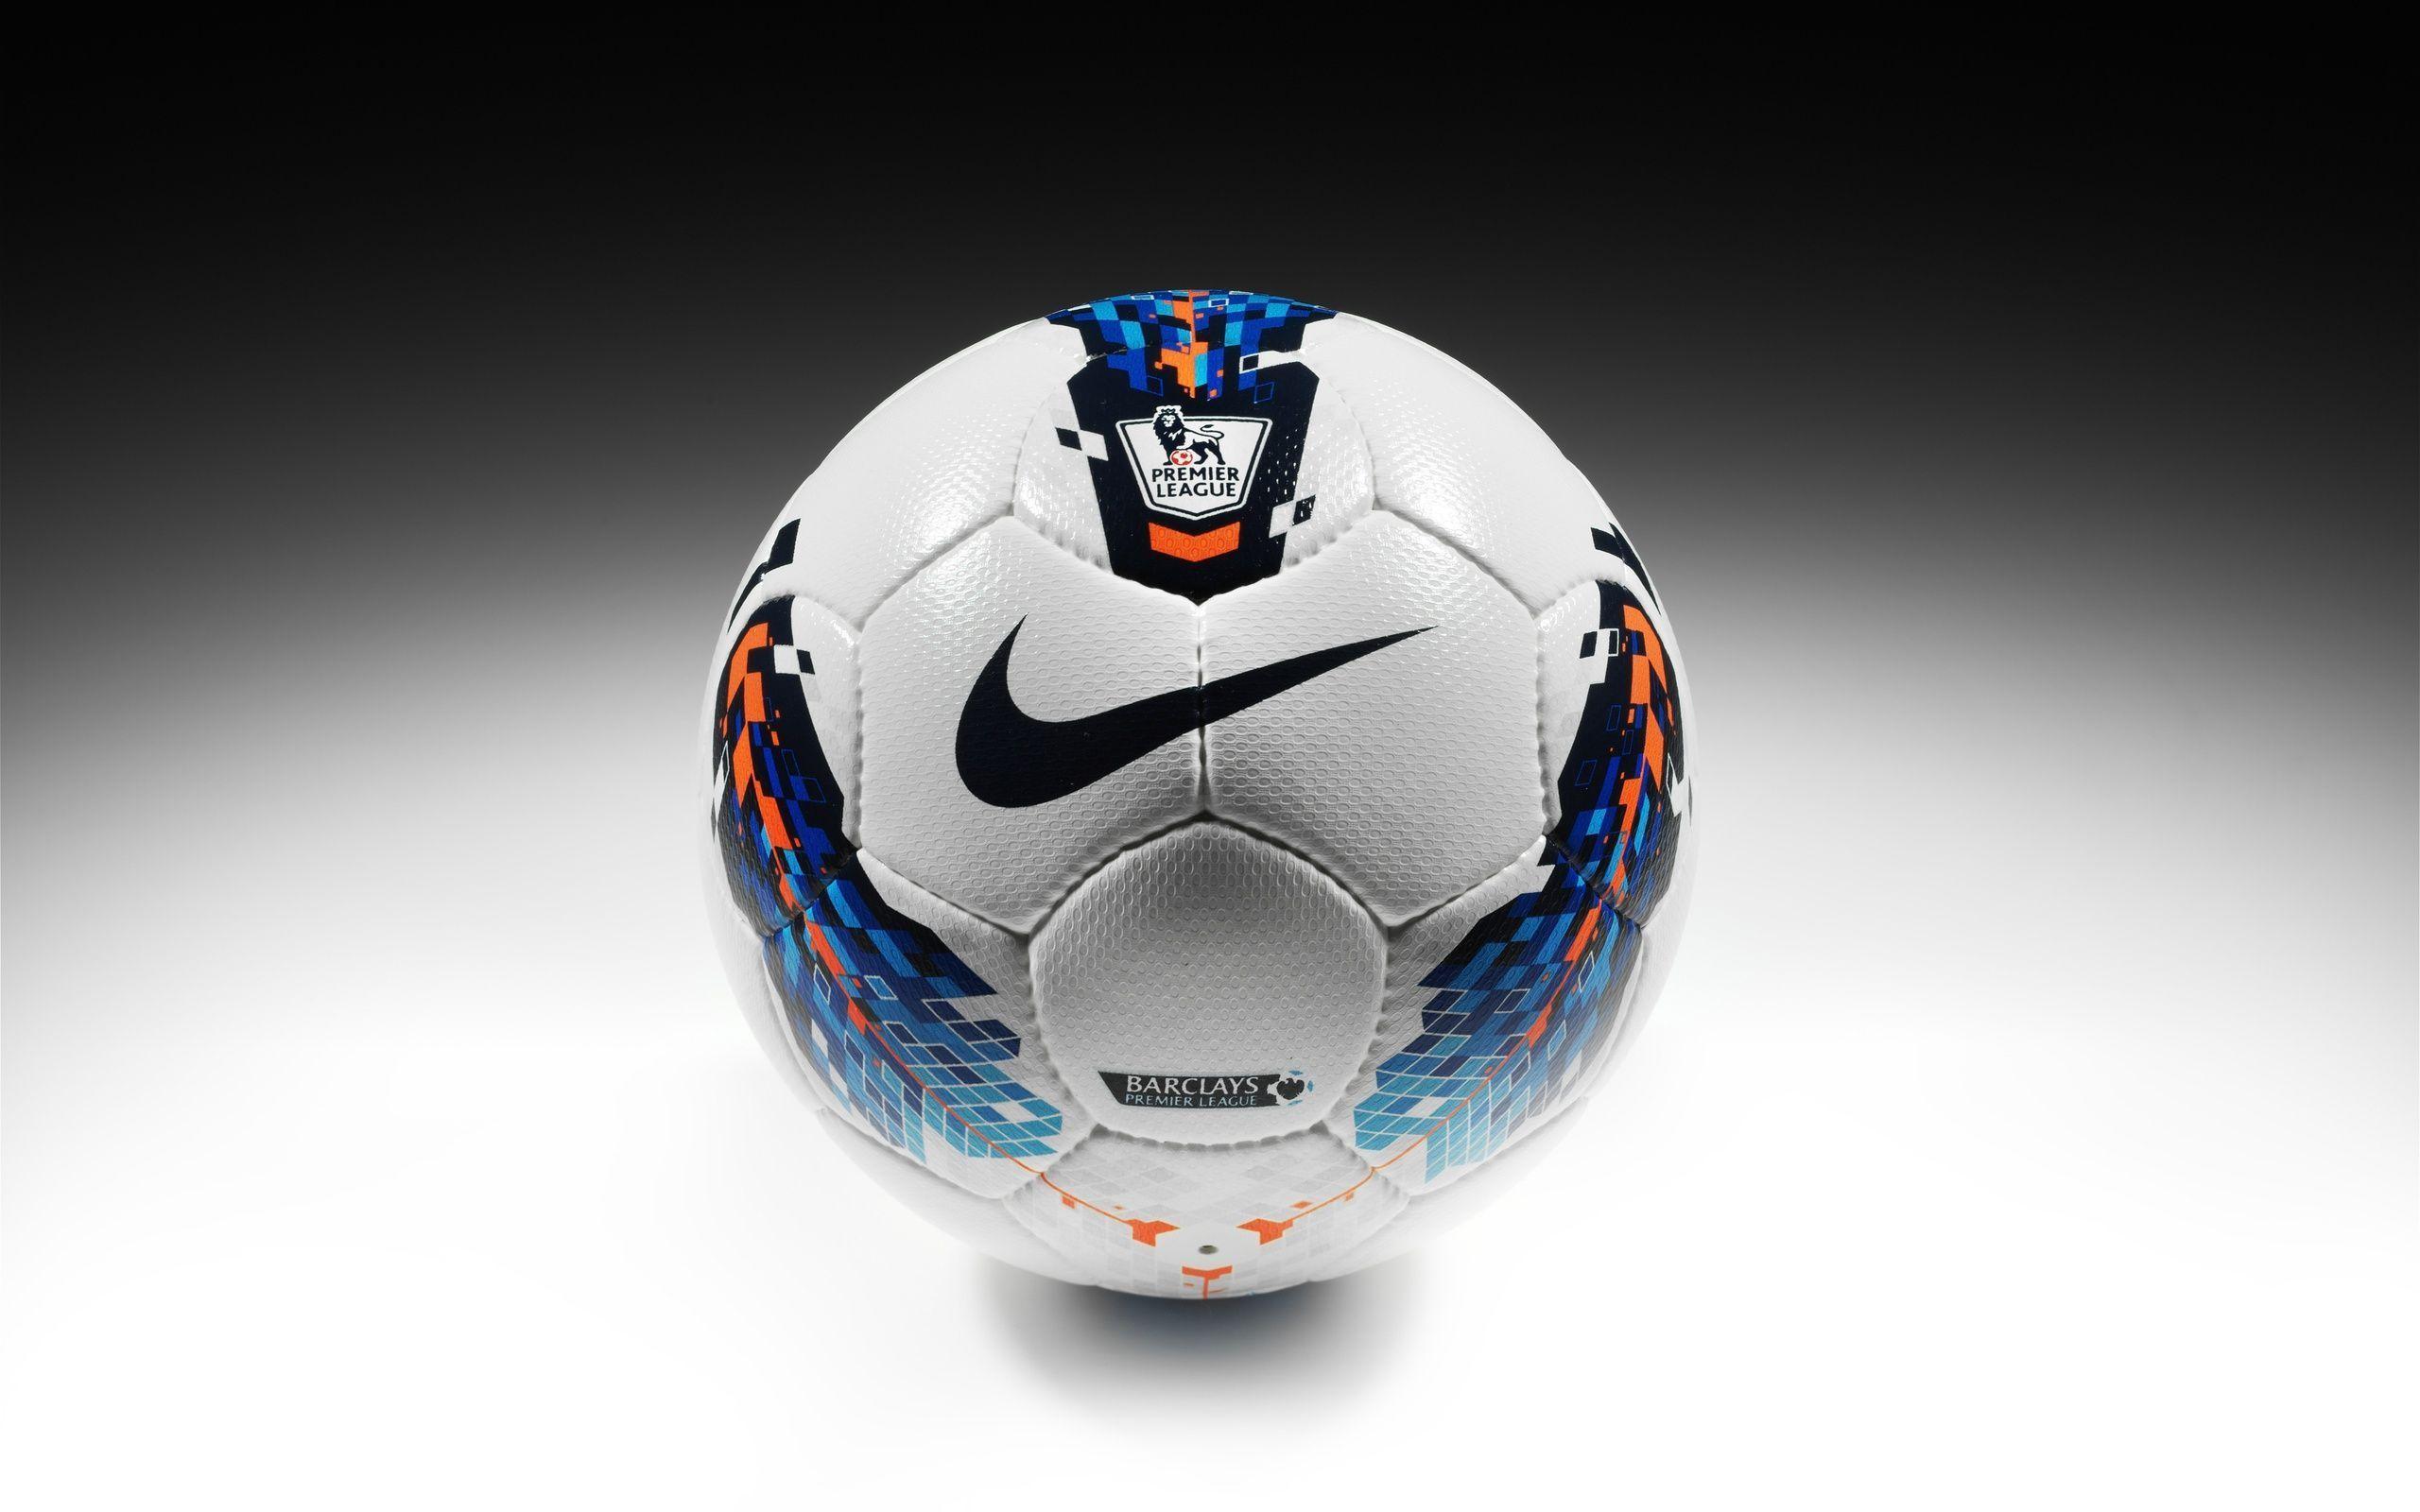 Nike Soccer Ball Wallpaper Hd Desktop 10 HD Wallpaperscom